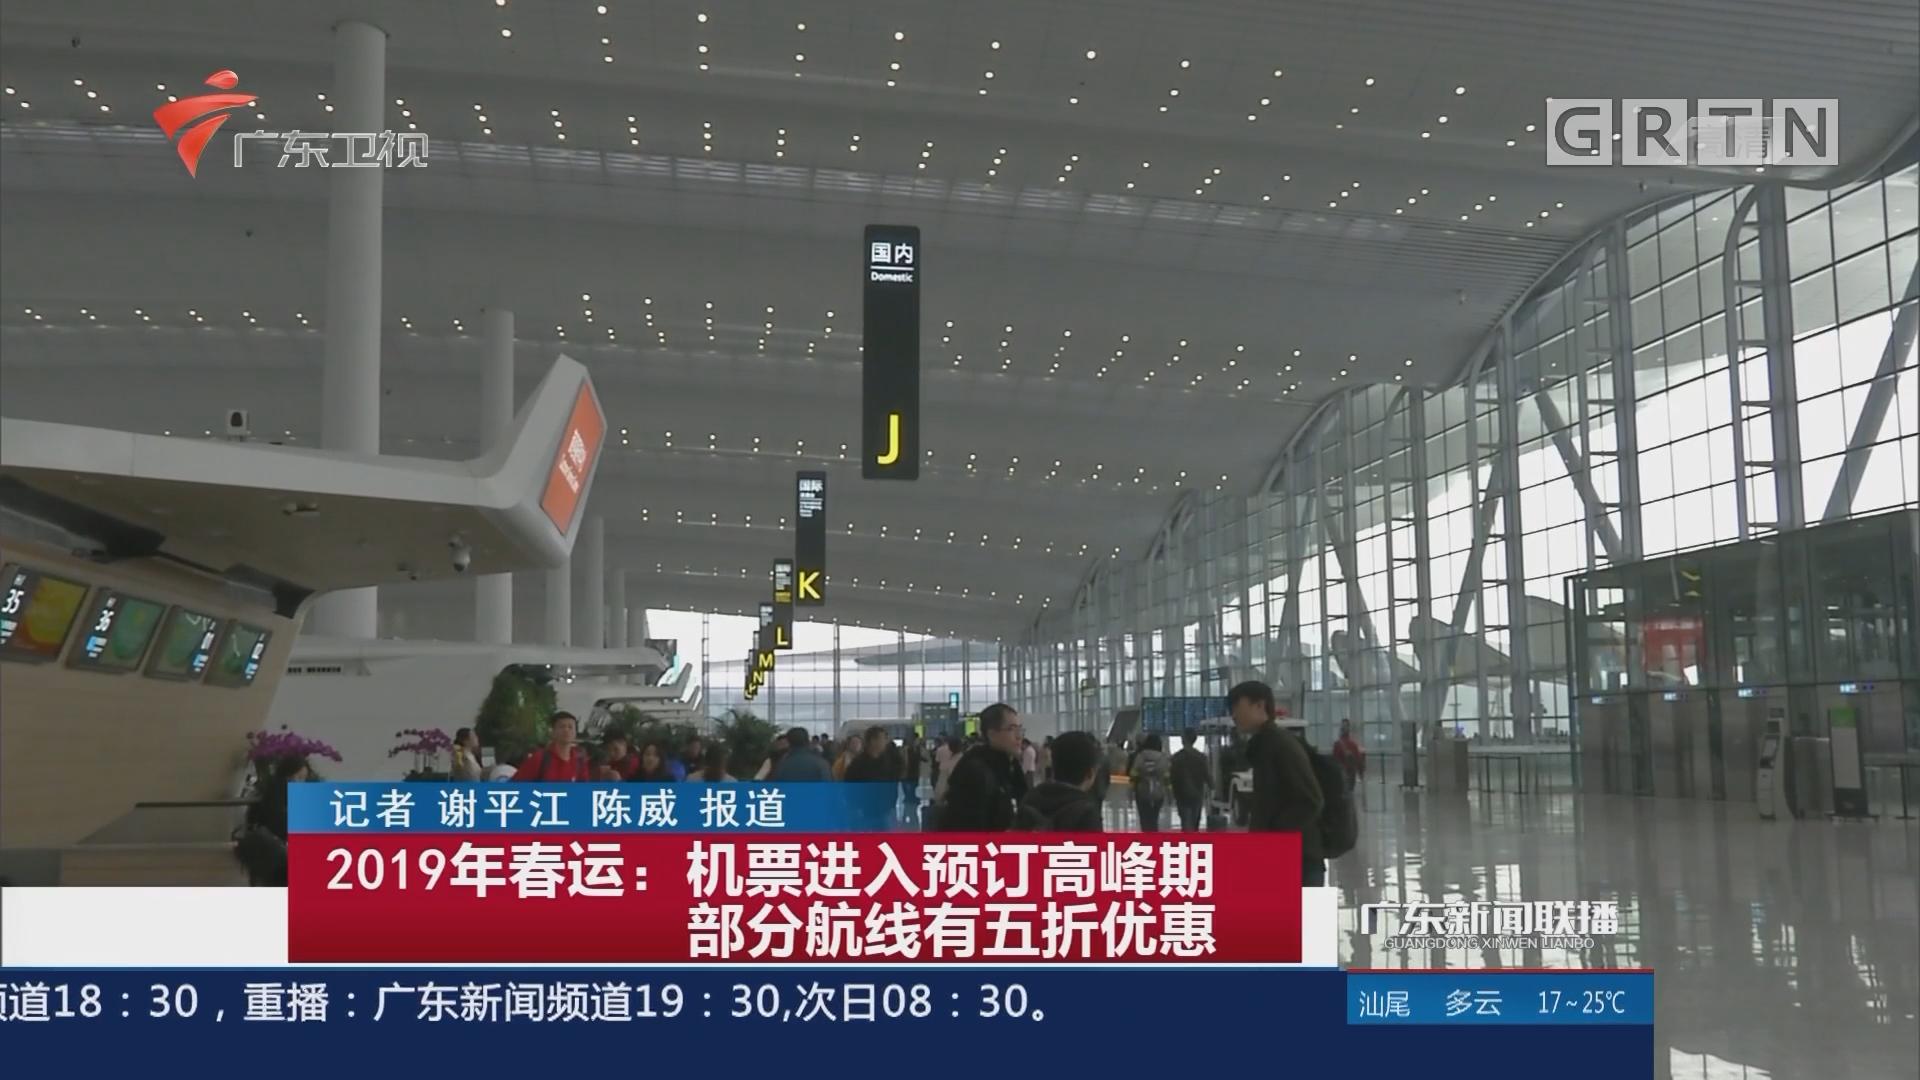 2019年春运:机票进入预定高峰期 部分航线有五折优惠